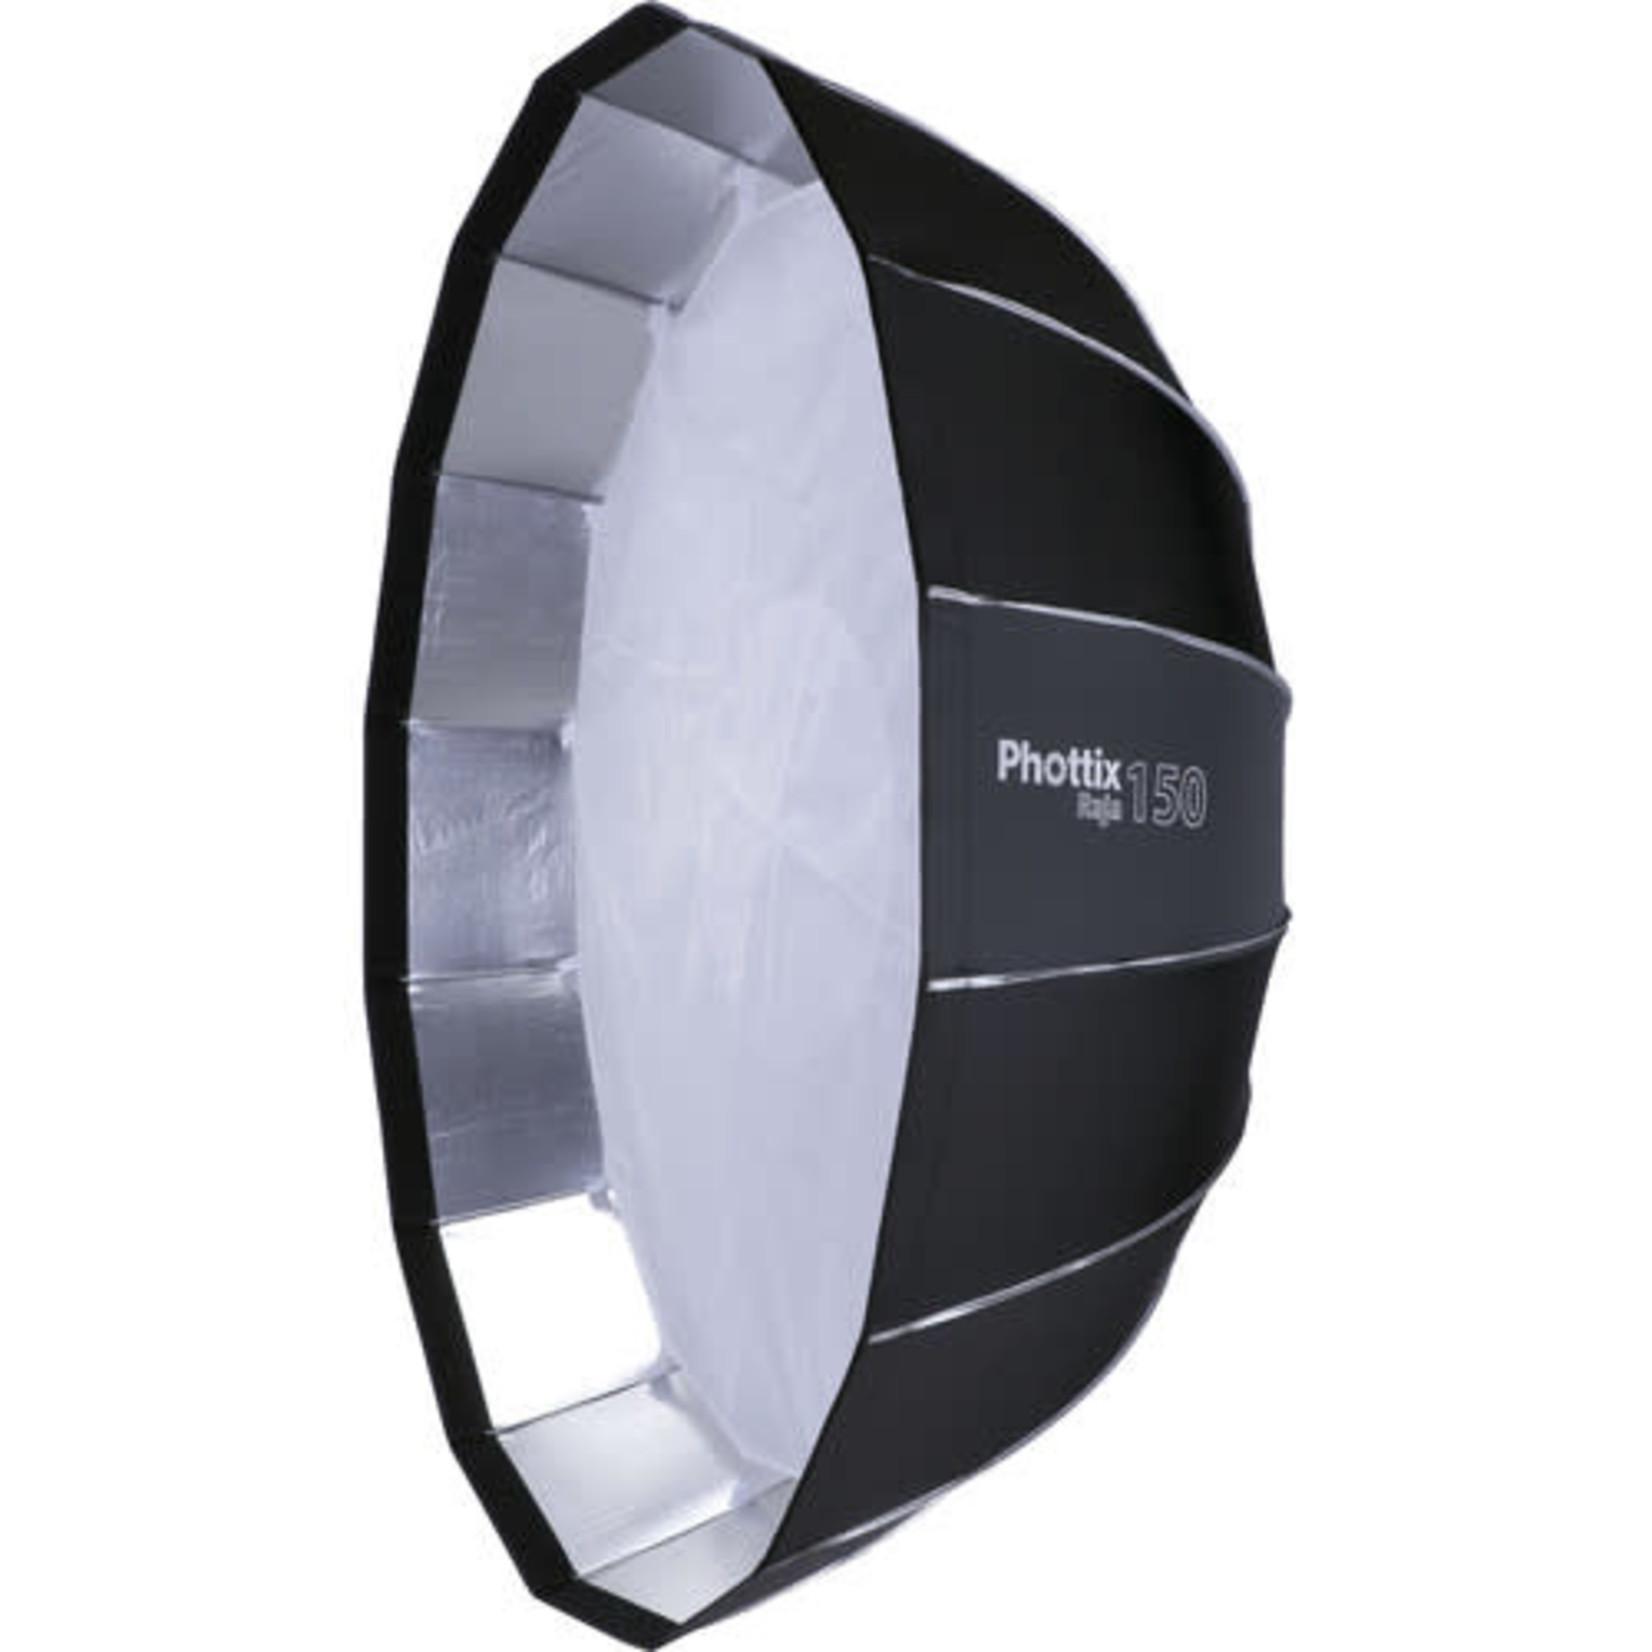 """Phottix Phottix Raja Hexa Softbox (59"""")"""